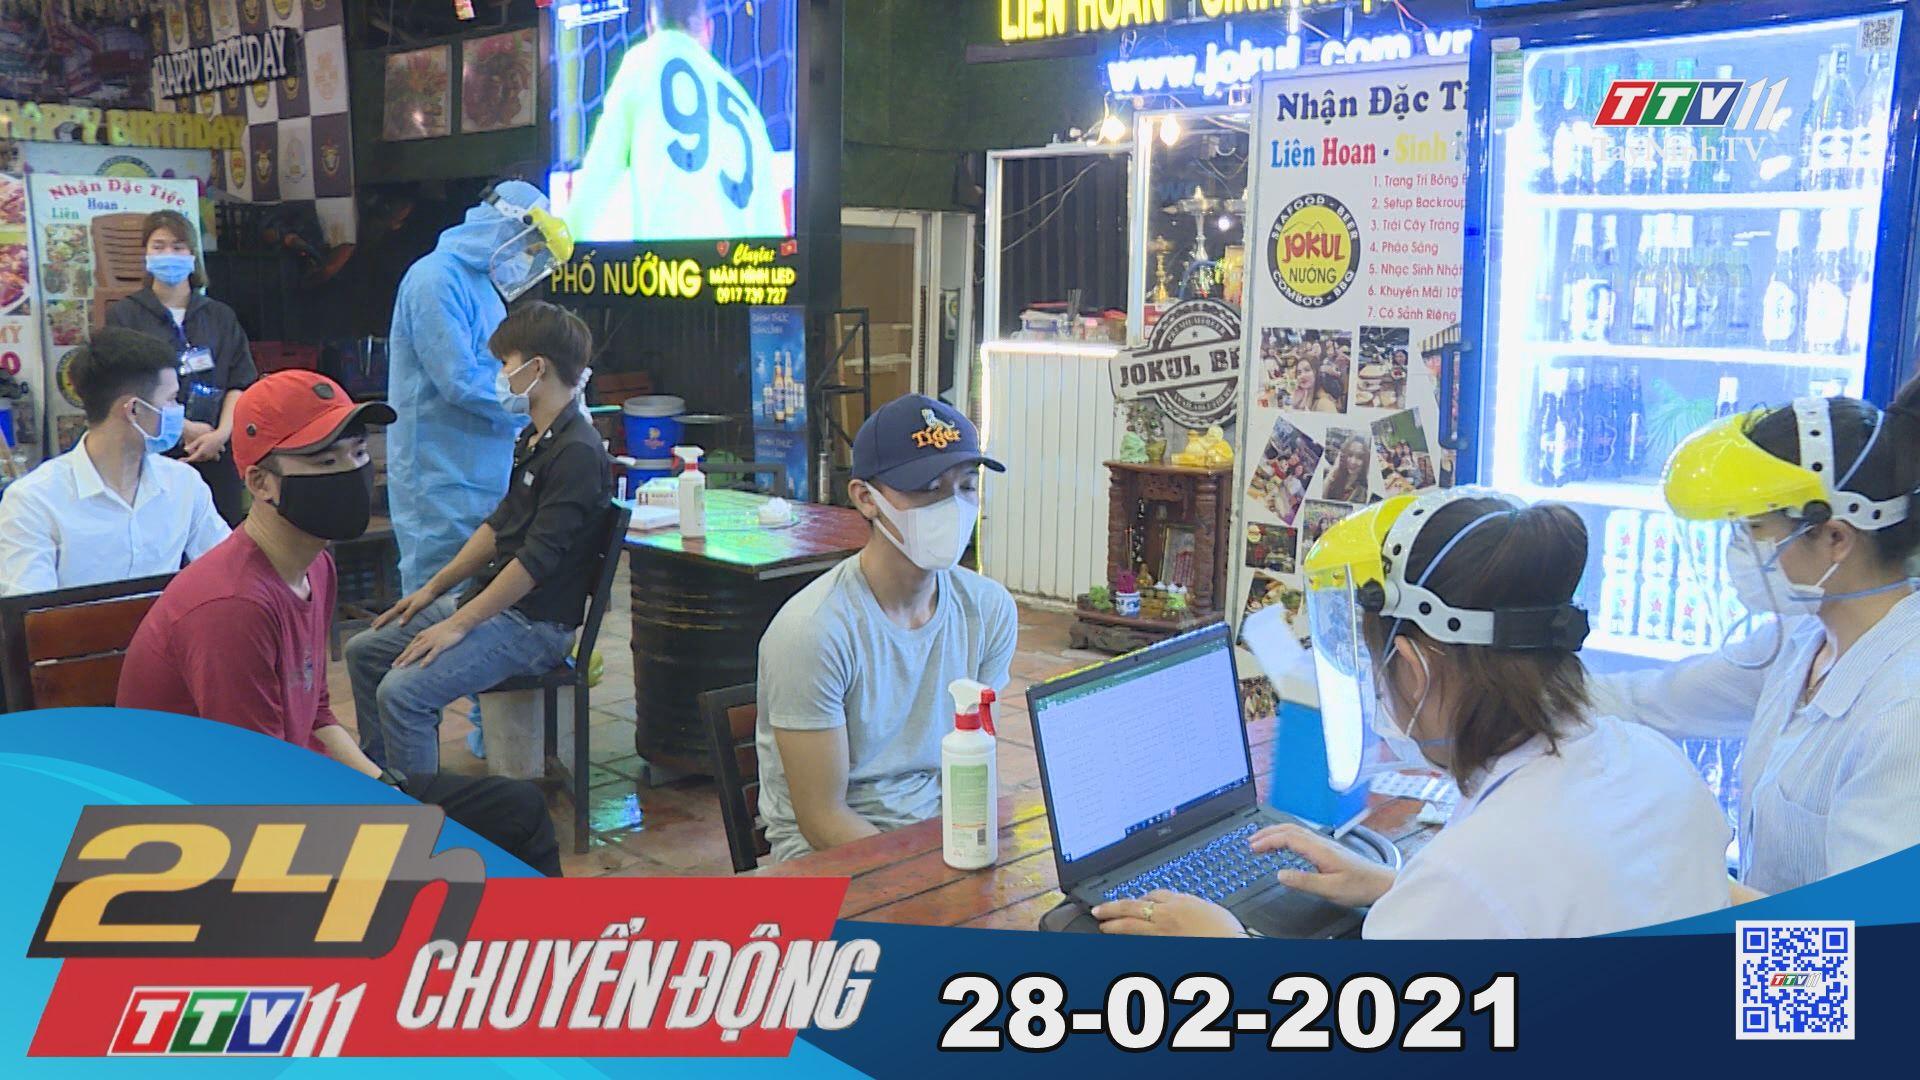 24h Chuyển động 28-02-2021 | Tin tức hôm nay | TayNinhTV